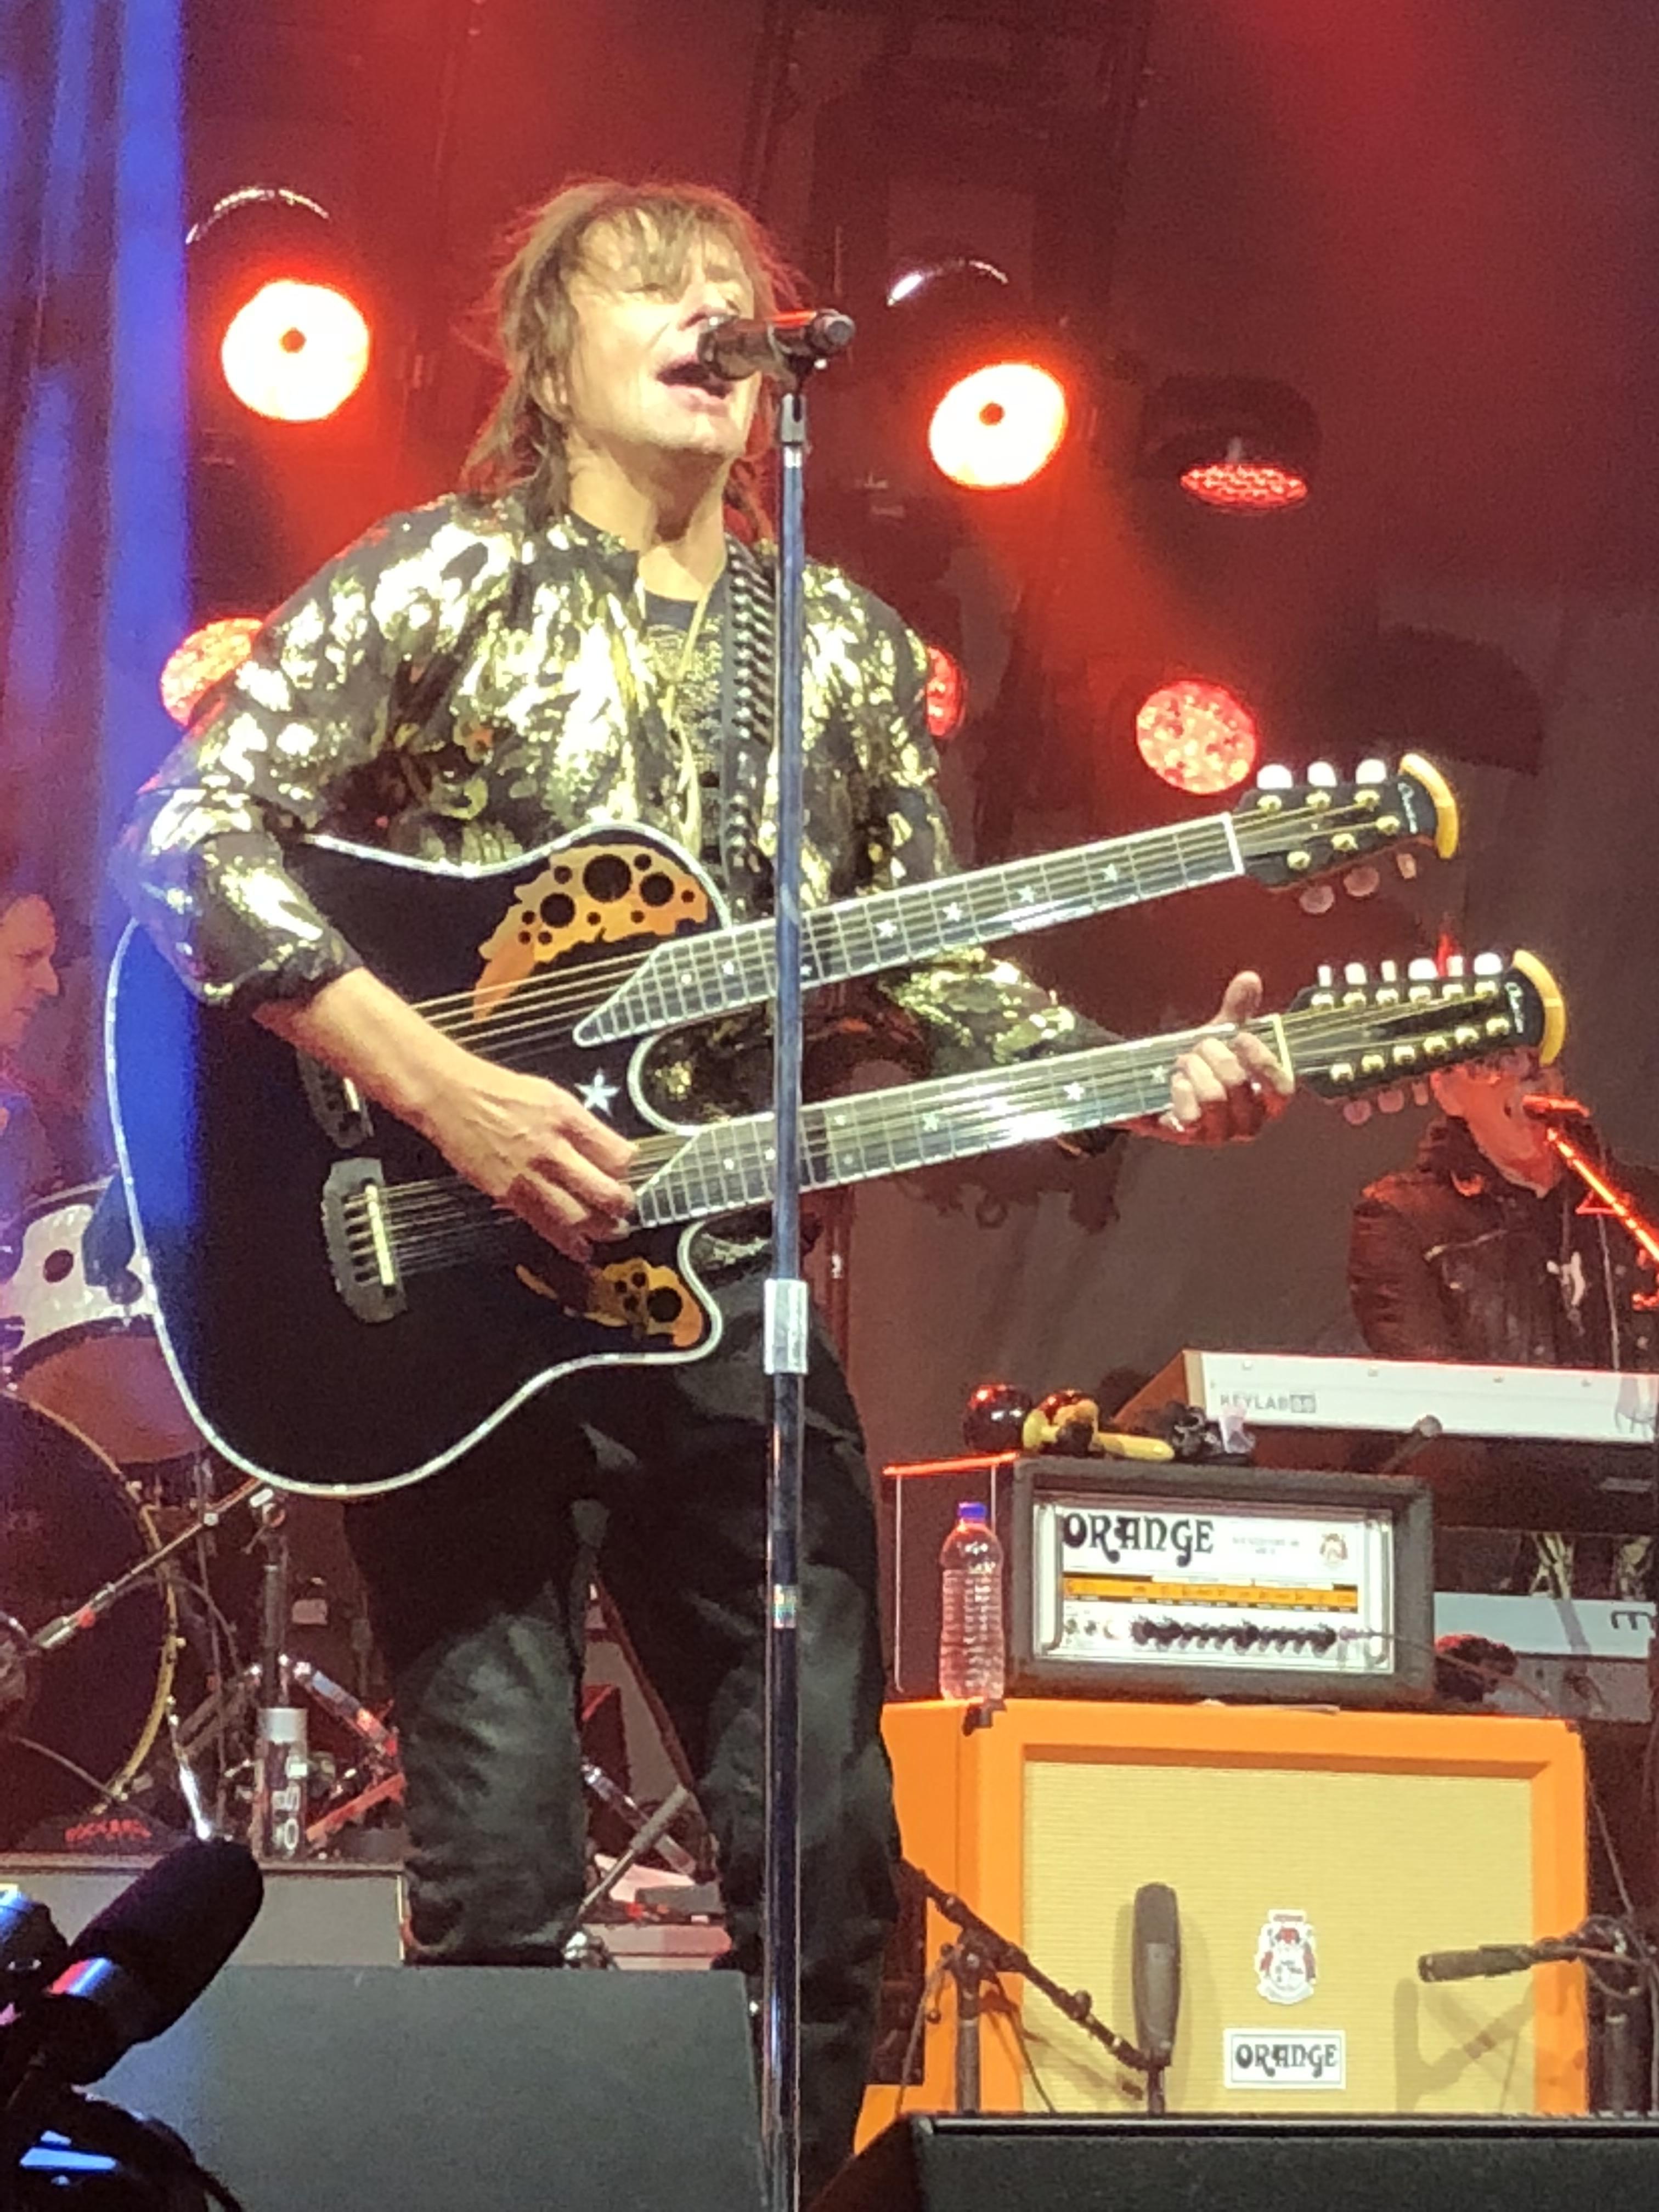 Richie Sambora of Bon Jovi